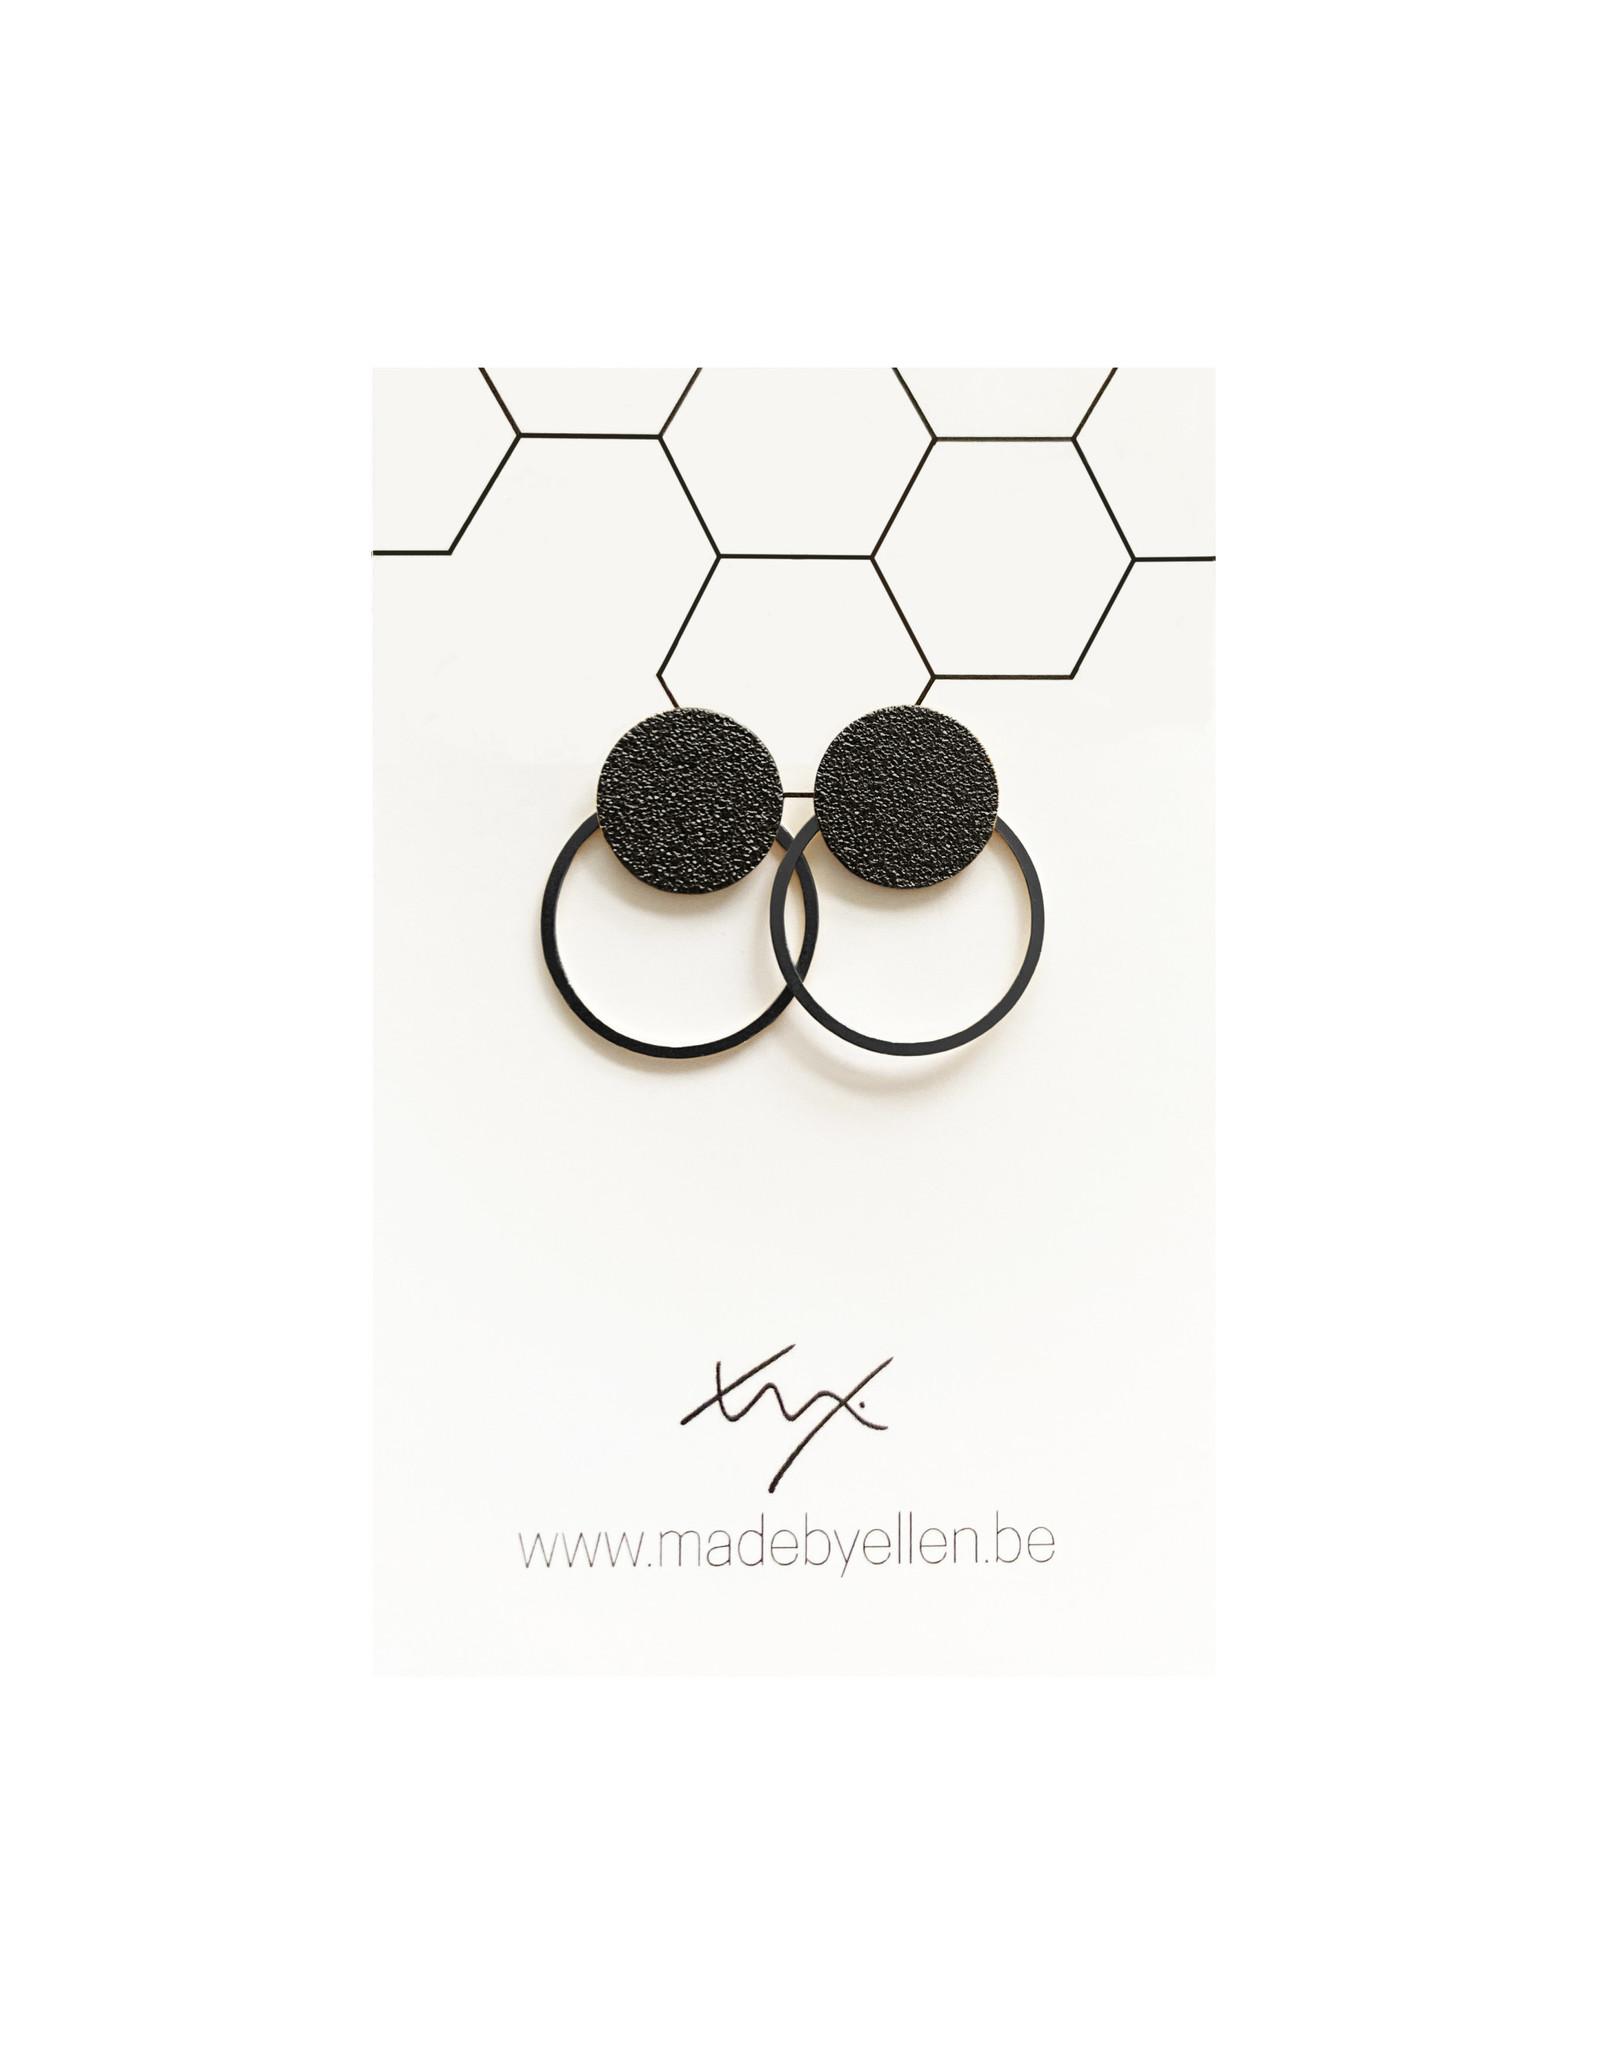 oorbEllen steker mat zwart met ring zwart